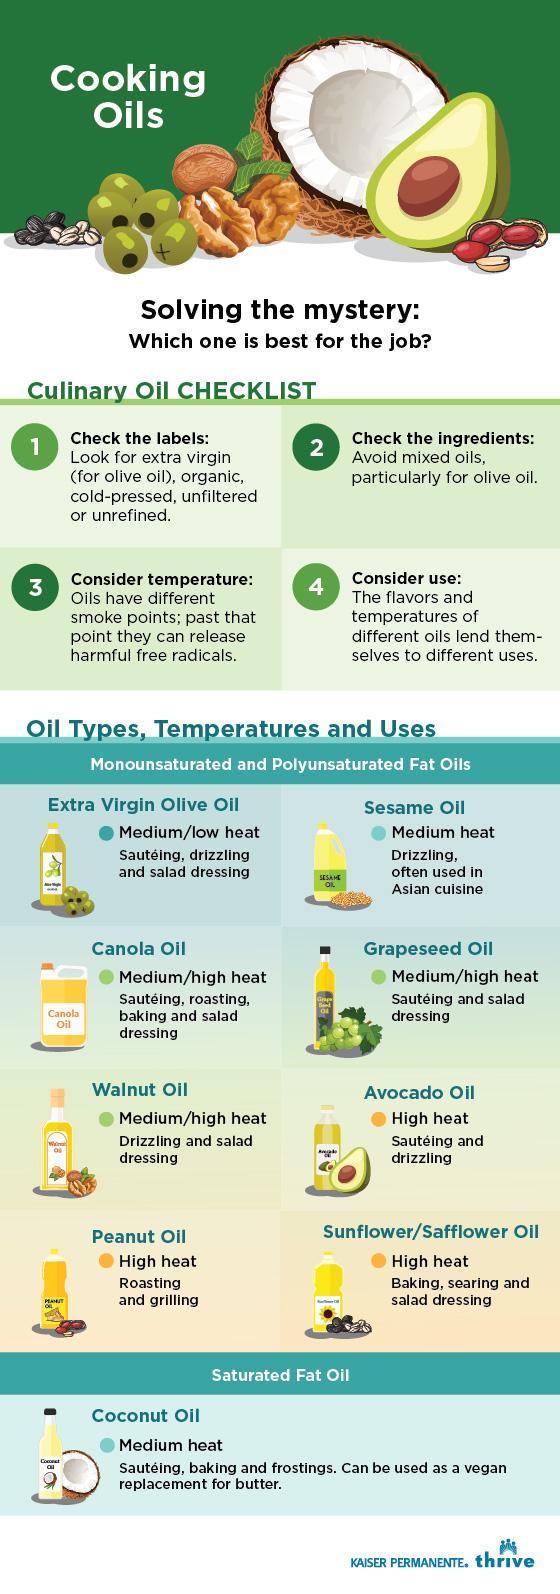 Culinary Oil Checklist